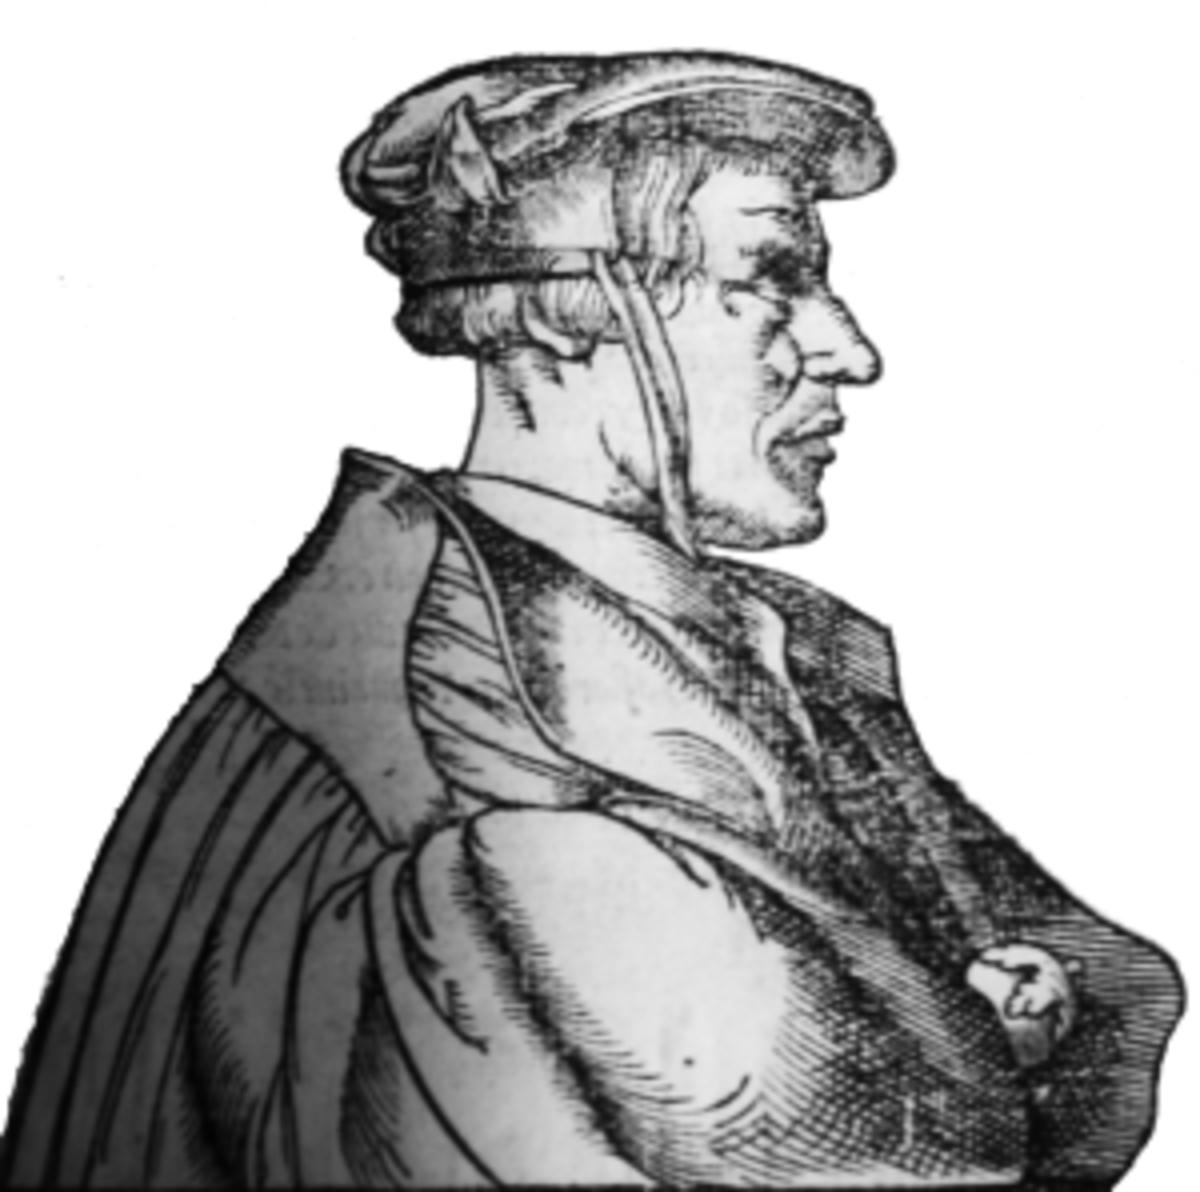 Heinrich Cornelius Agrippa von Nettesheim (1486–1535) was a German physician and scholar.